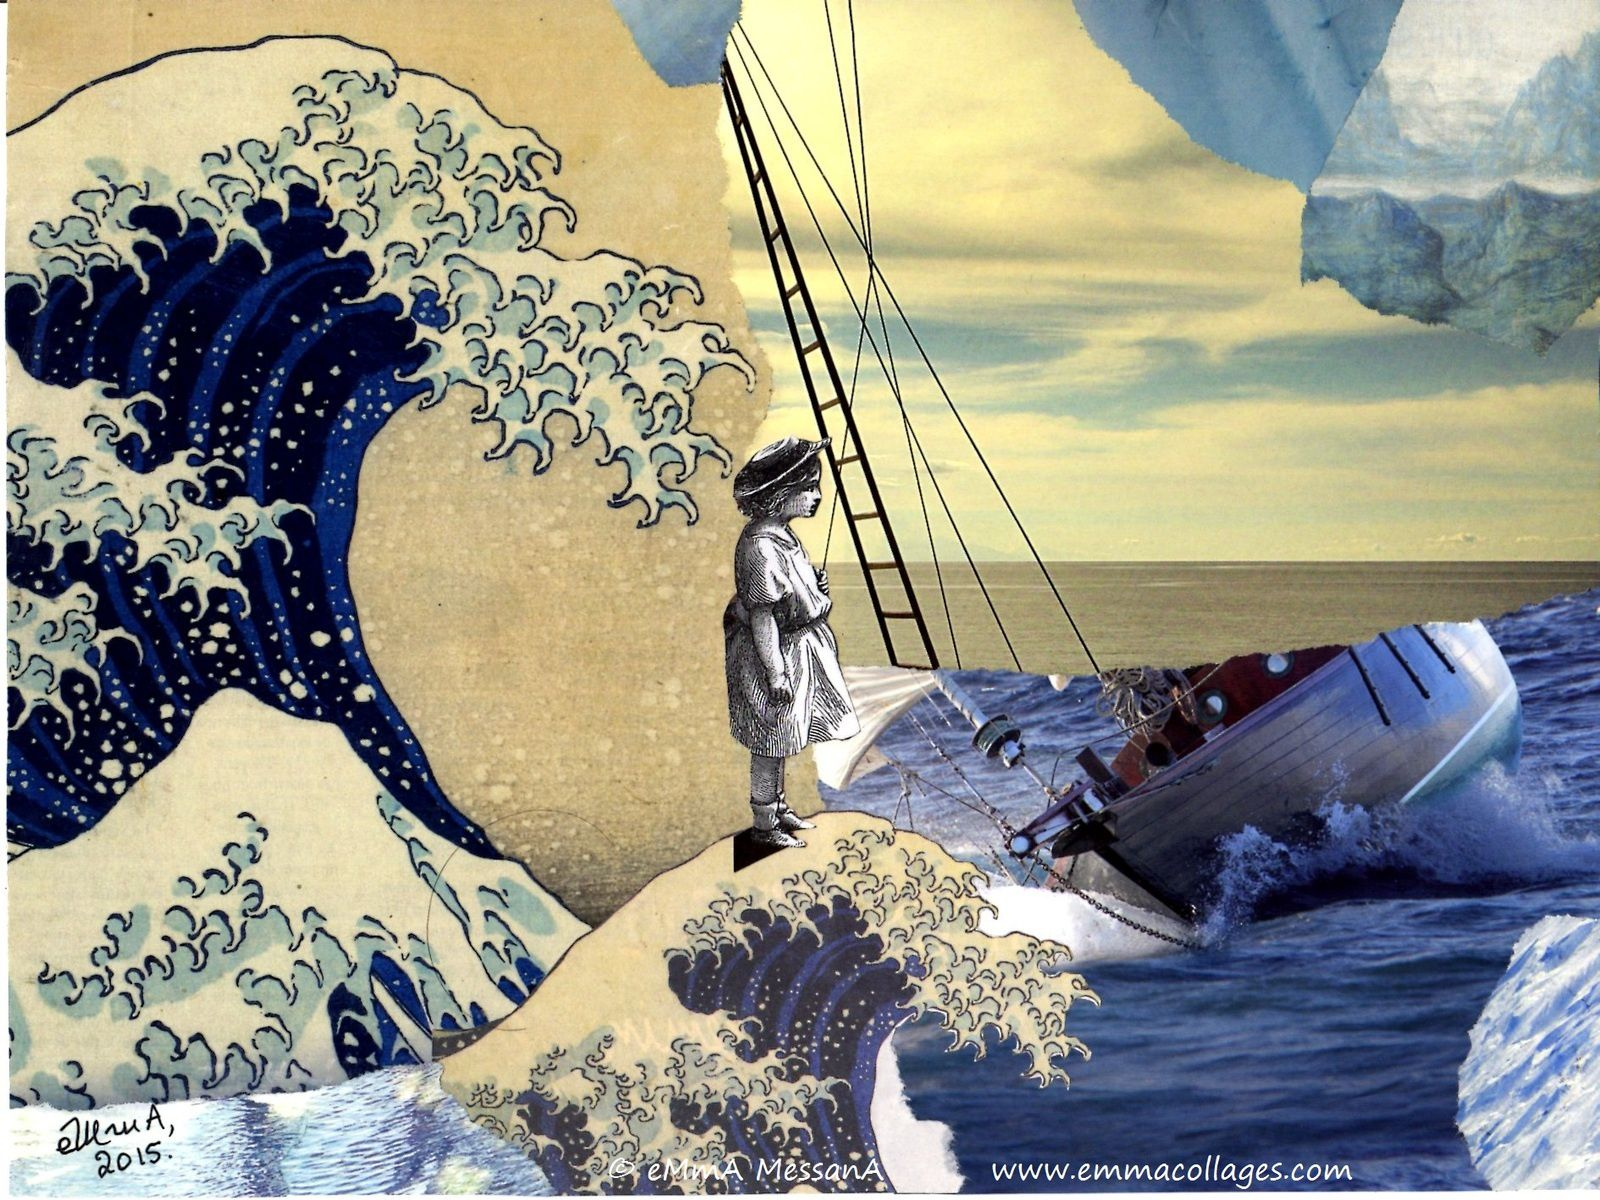 """Les Collages d'eMmA MessanA, collage """"La vague merveilleuse"""", exemplaire unique © eMmA MessanA"""